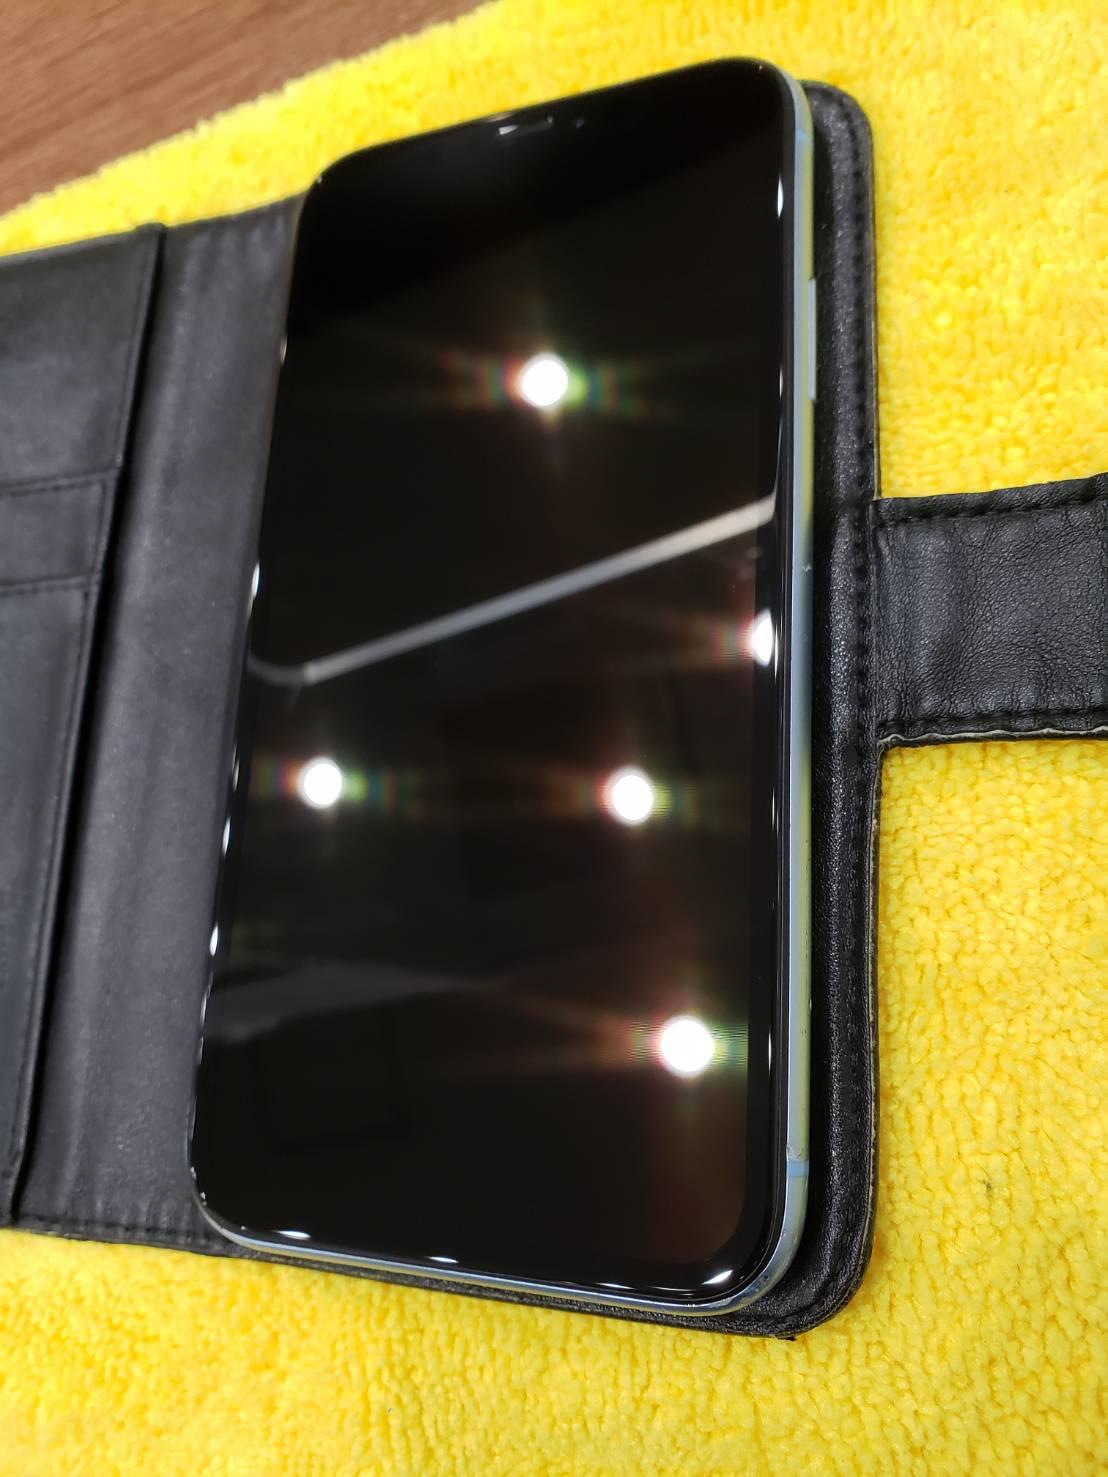 iPhoneの画面が割れてしまった…そんな時はすぐに交換修理をしましょう♪iPhone XR 高知市よりご来店